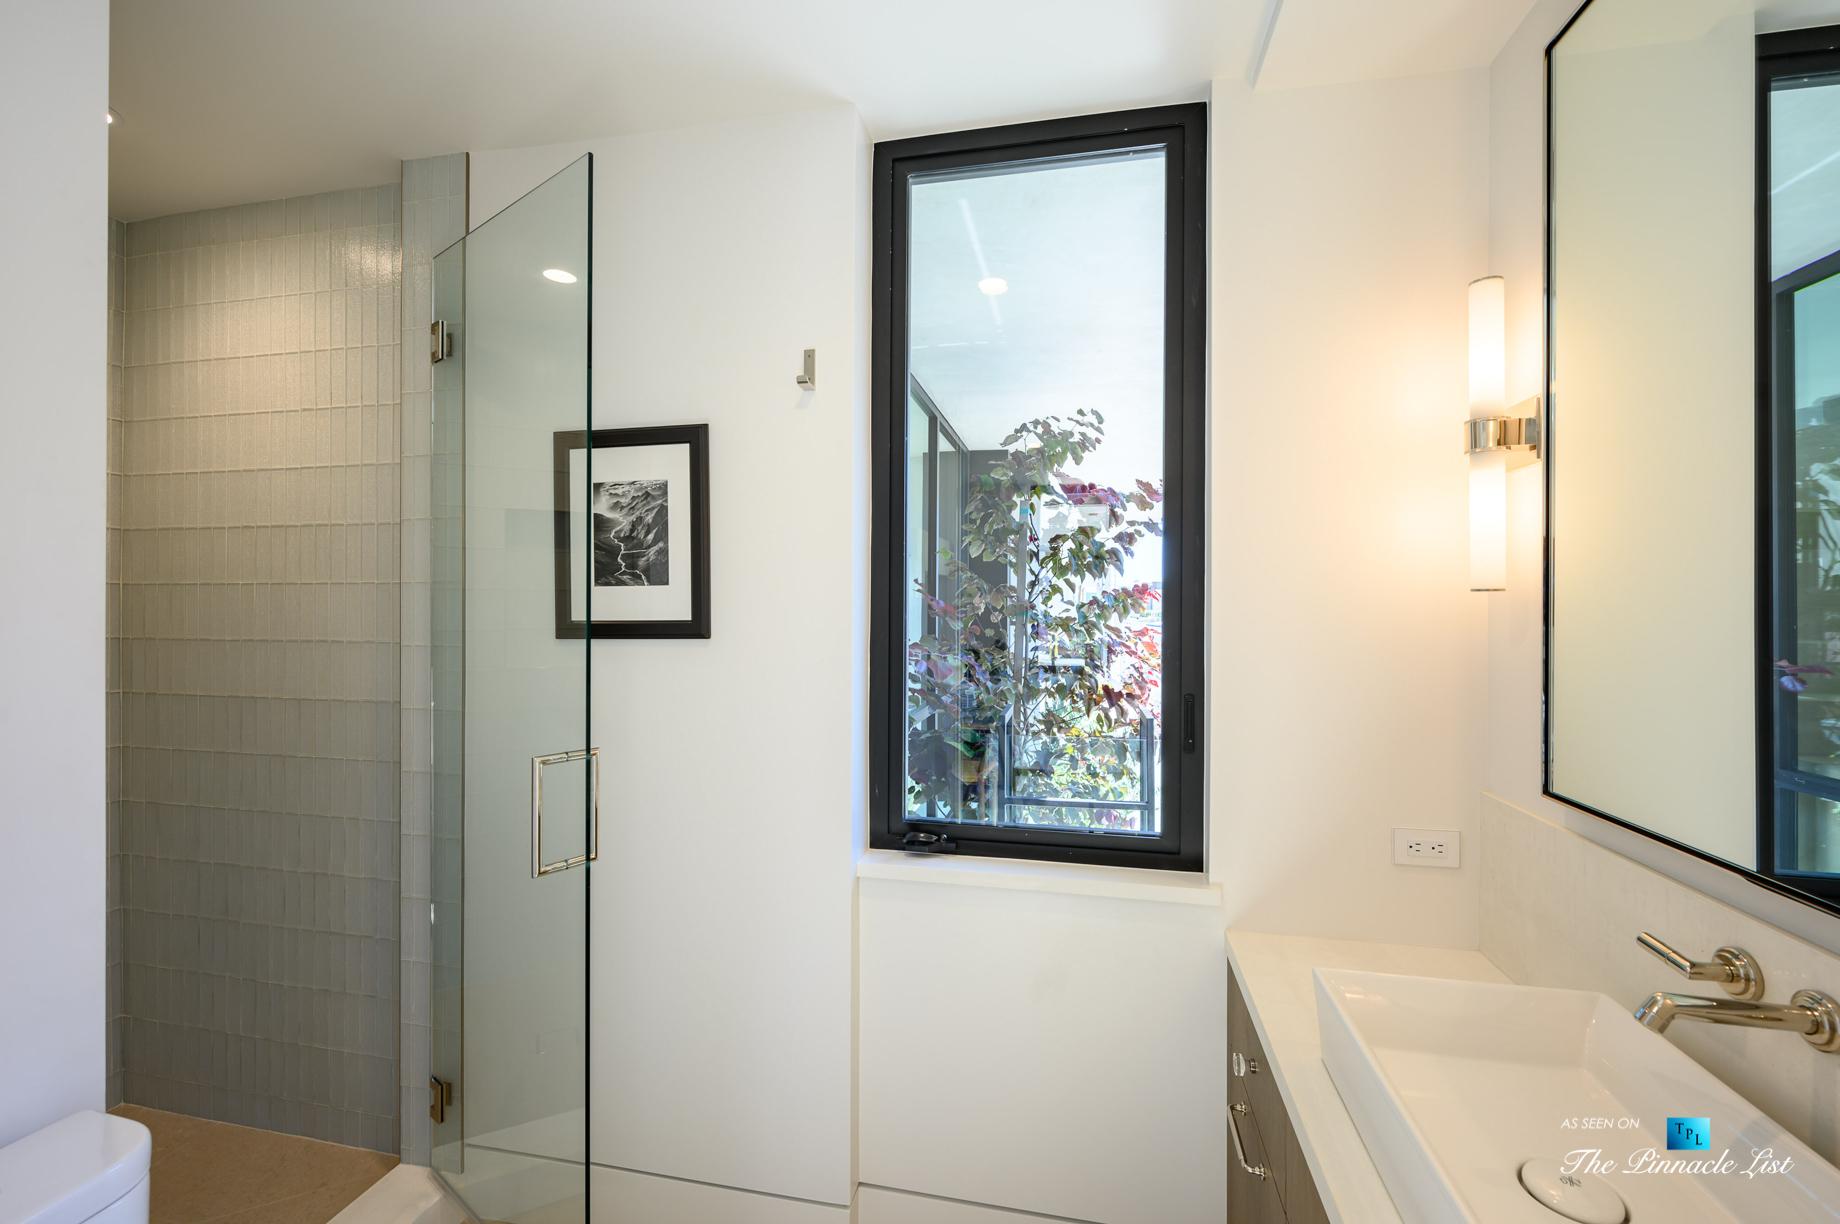 2016 Ocean Dr, Manhattan Beach, CA, USA - Bathroom - Luxury Real Estate - Modern Ocean View Home